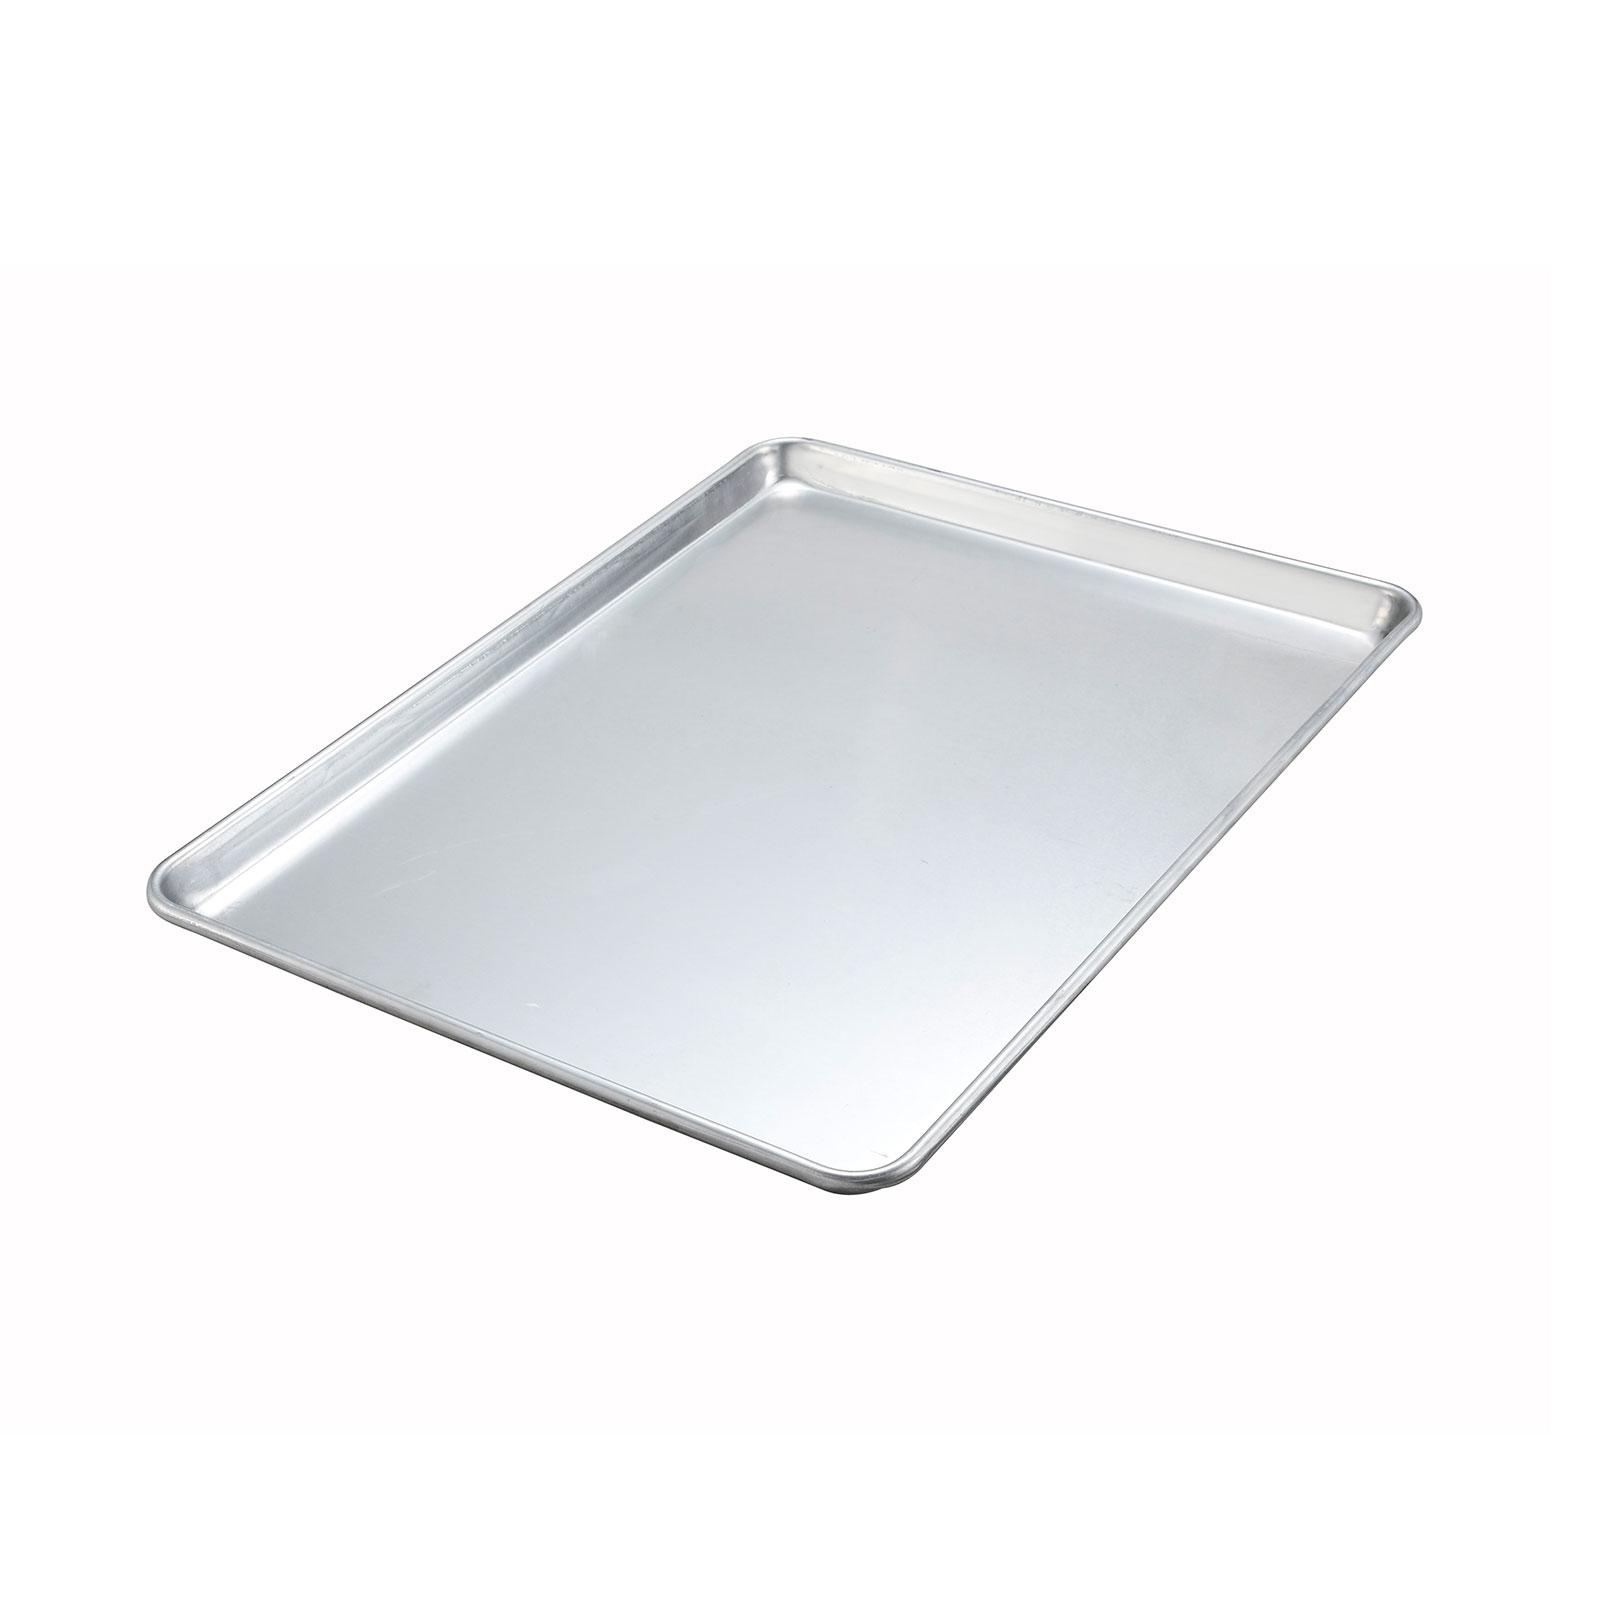 2/3 Size Sheet Pan, Winco ALXP-1622